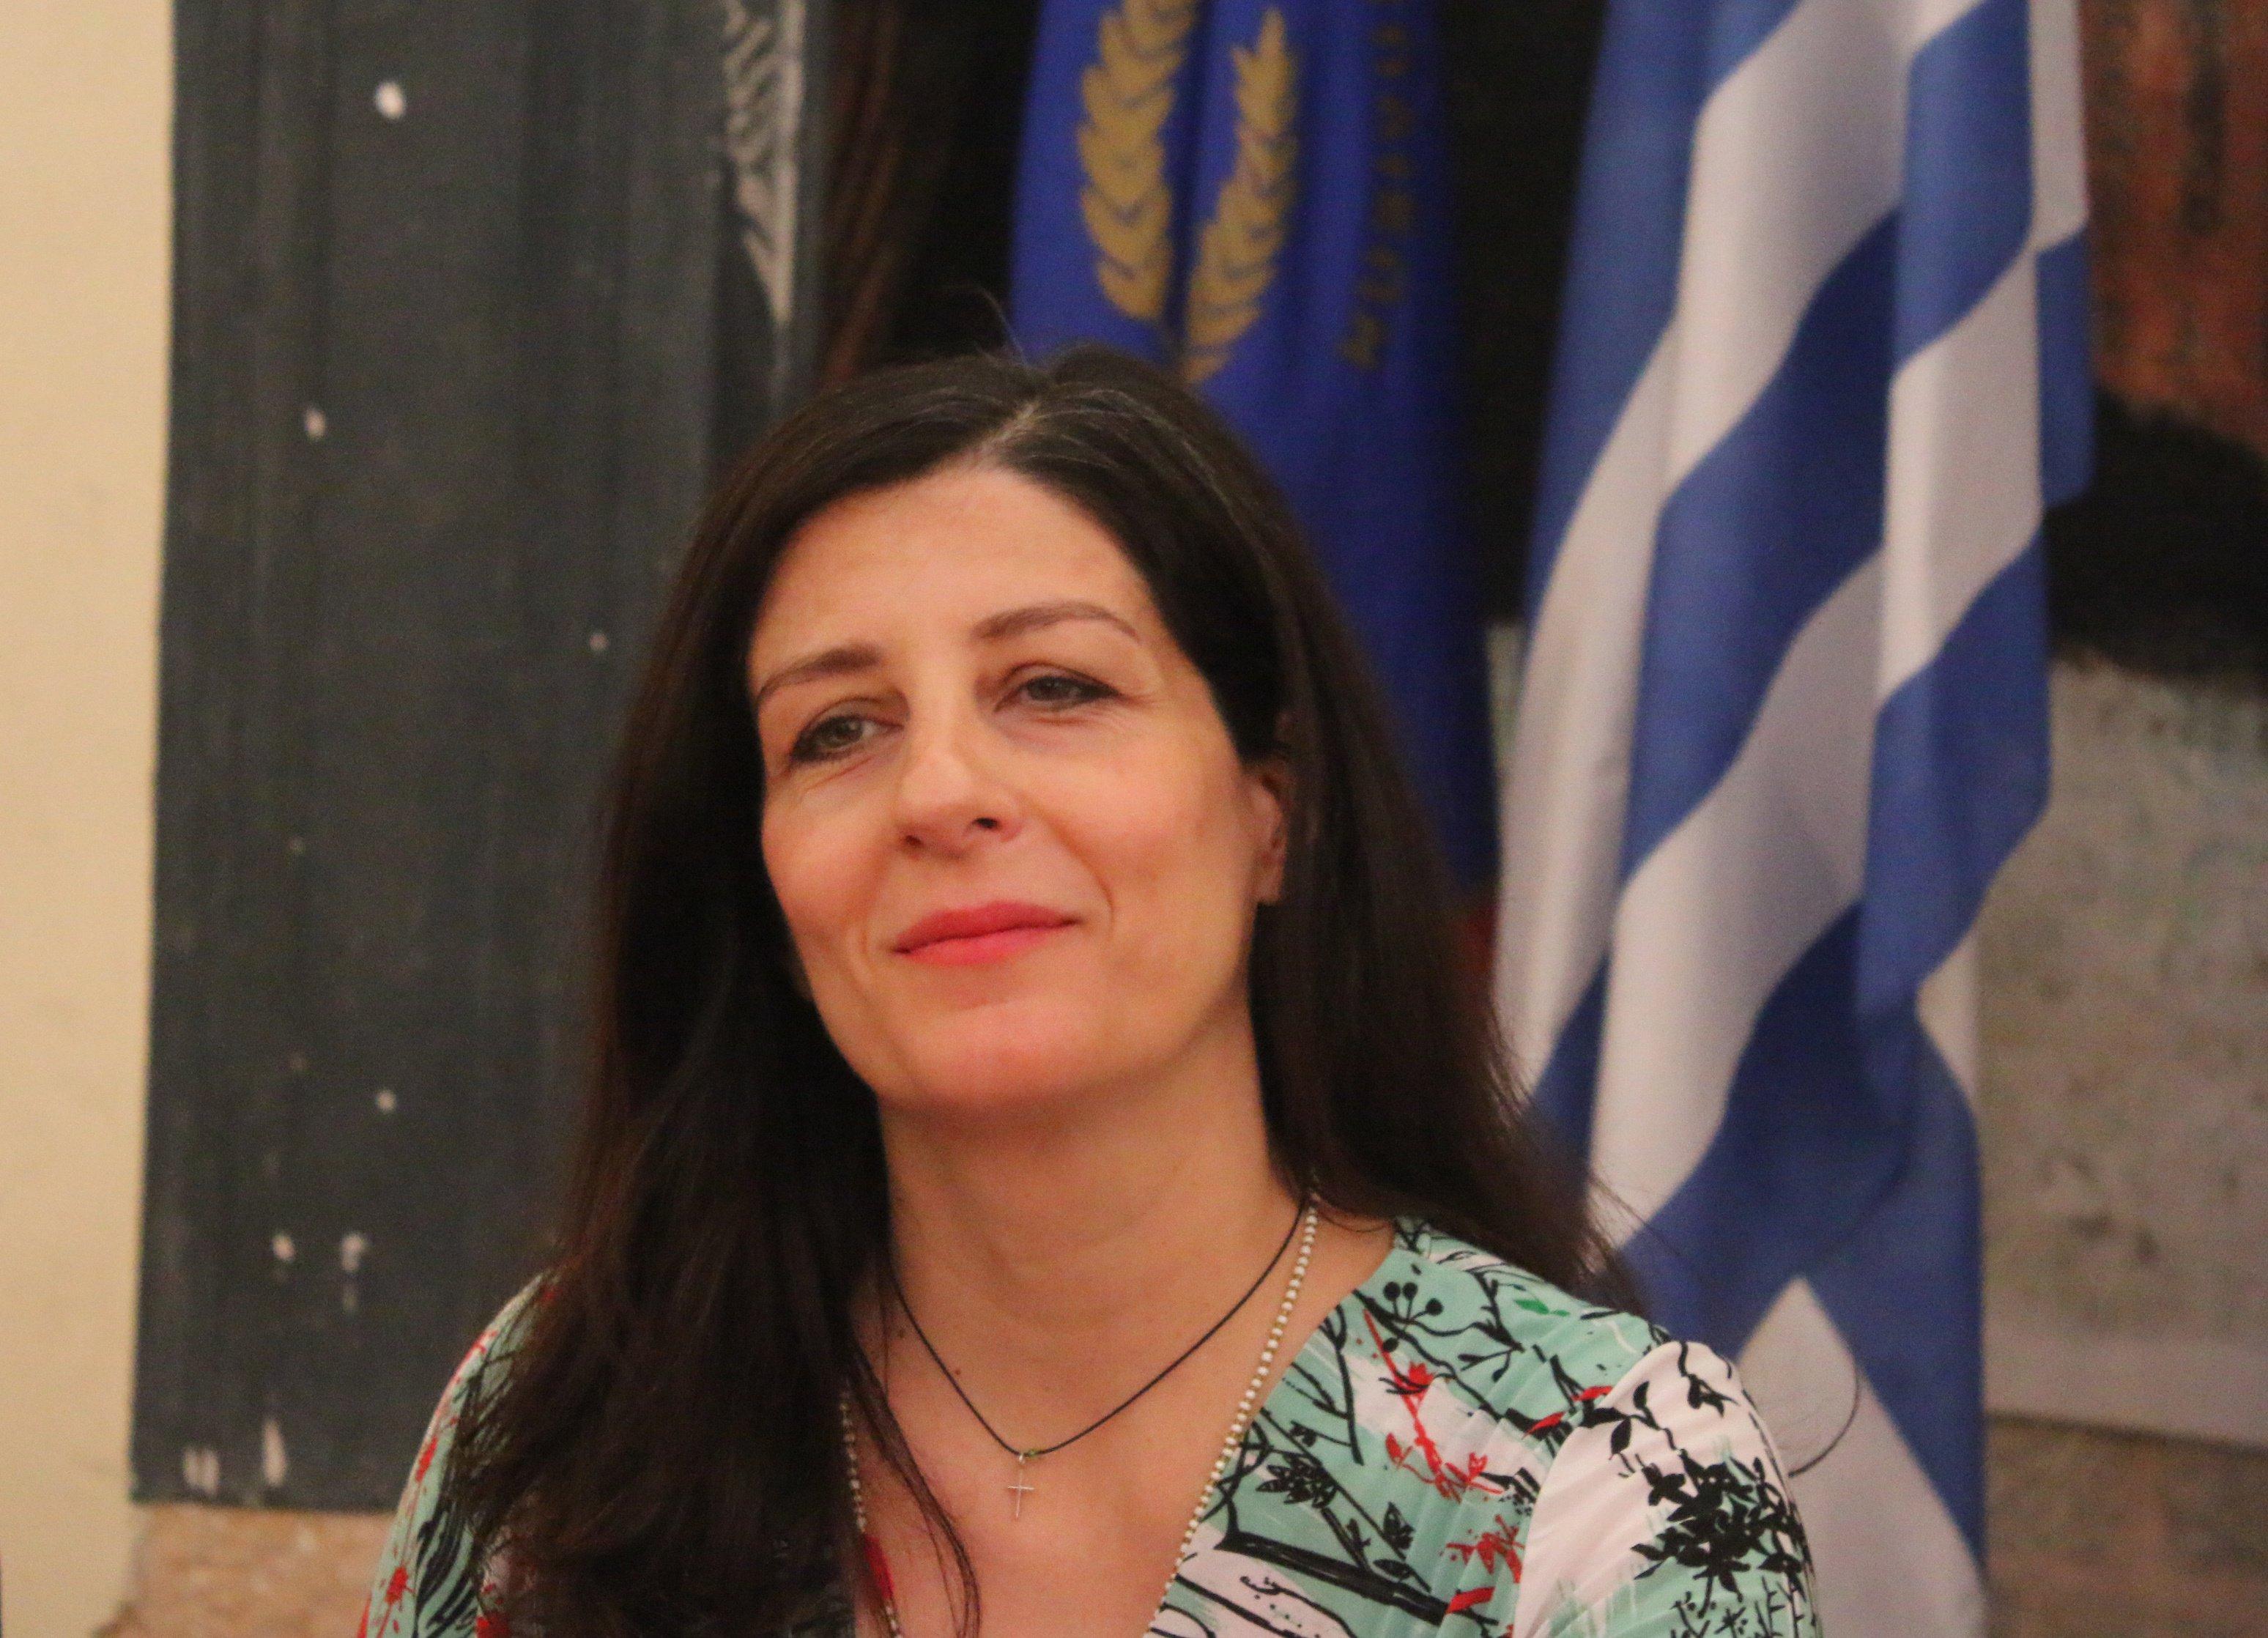 Γιασεμί Κηλαηδόνη: Τη μαγεία του θεάτρου τη ζω από την κοιλιά της μάνας μου